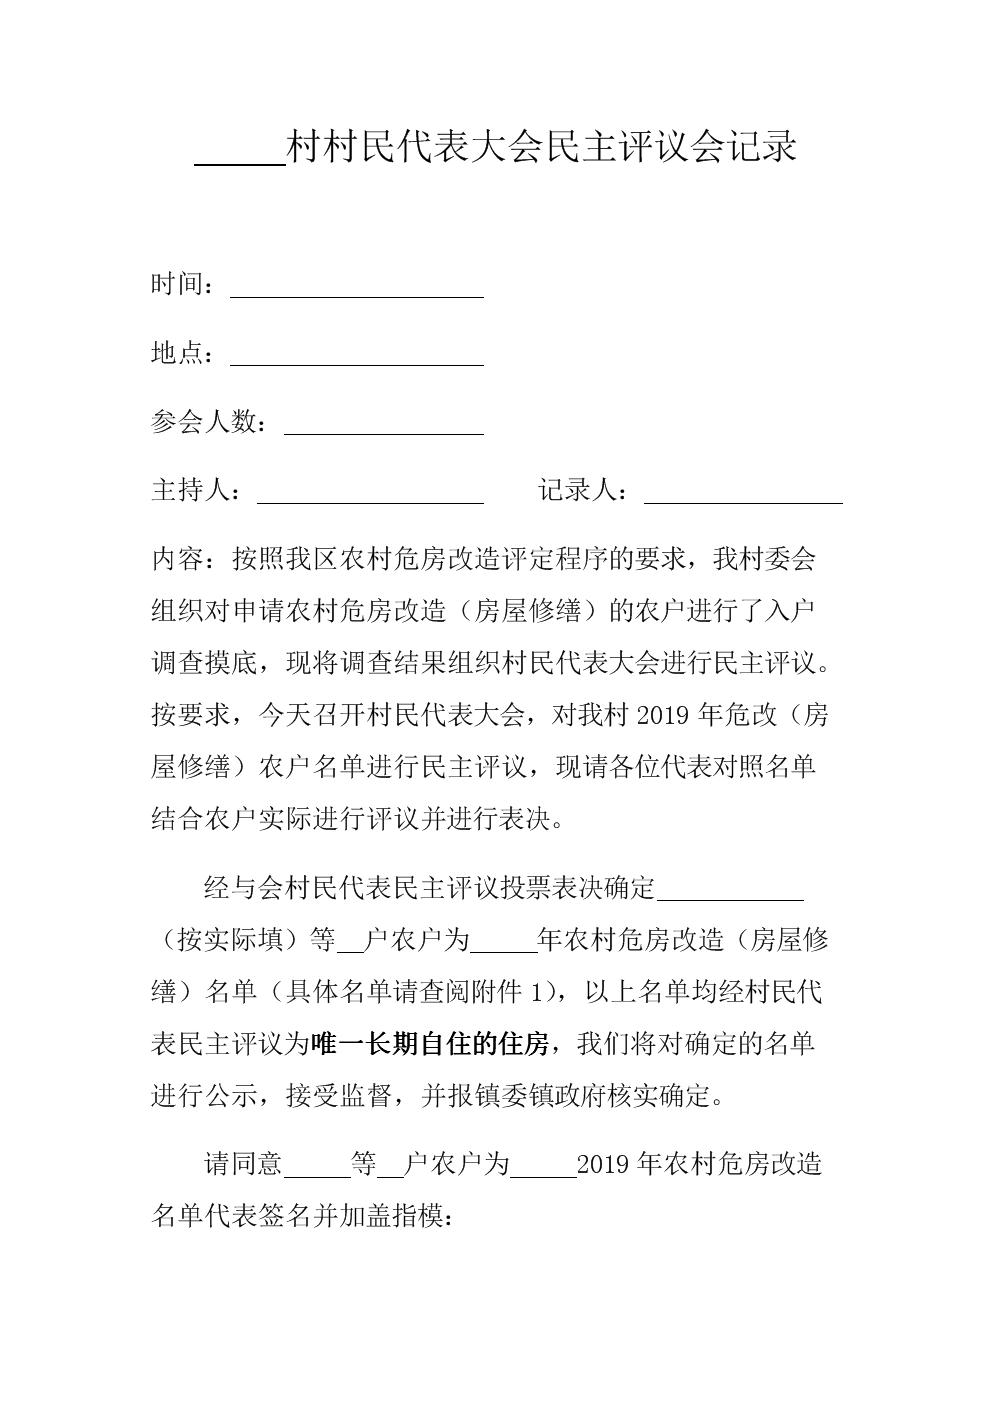 村民大会评议会记录(农村危房改造讨论记录).docx